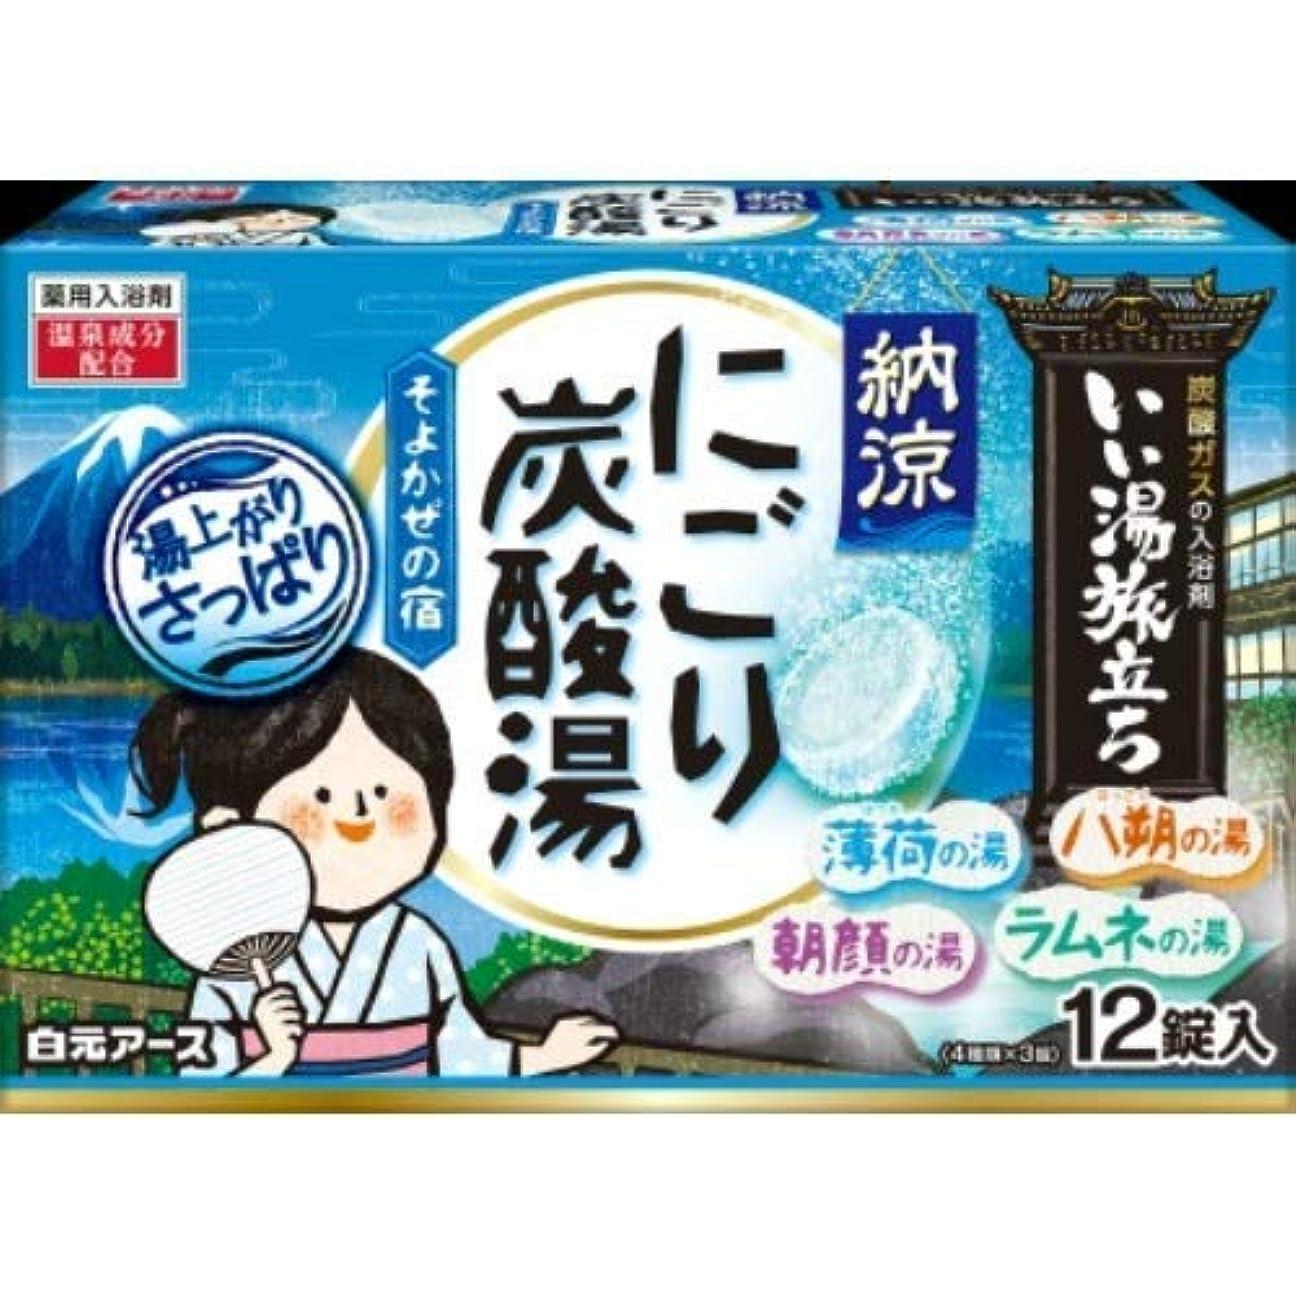 脱臼する実行可能とにかくいい湯旅立ち 納涼にごり炭酸湯 そよかぜの宿 × 12個セット